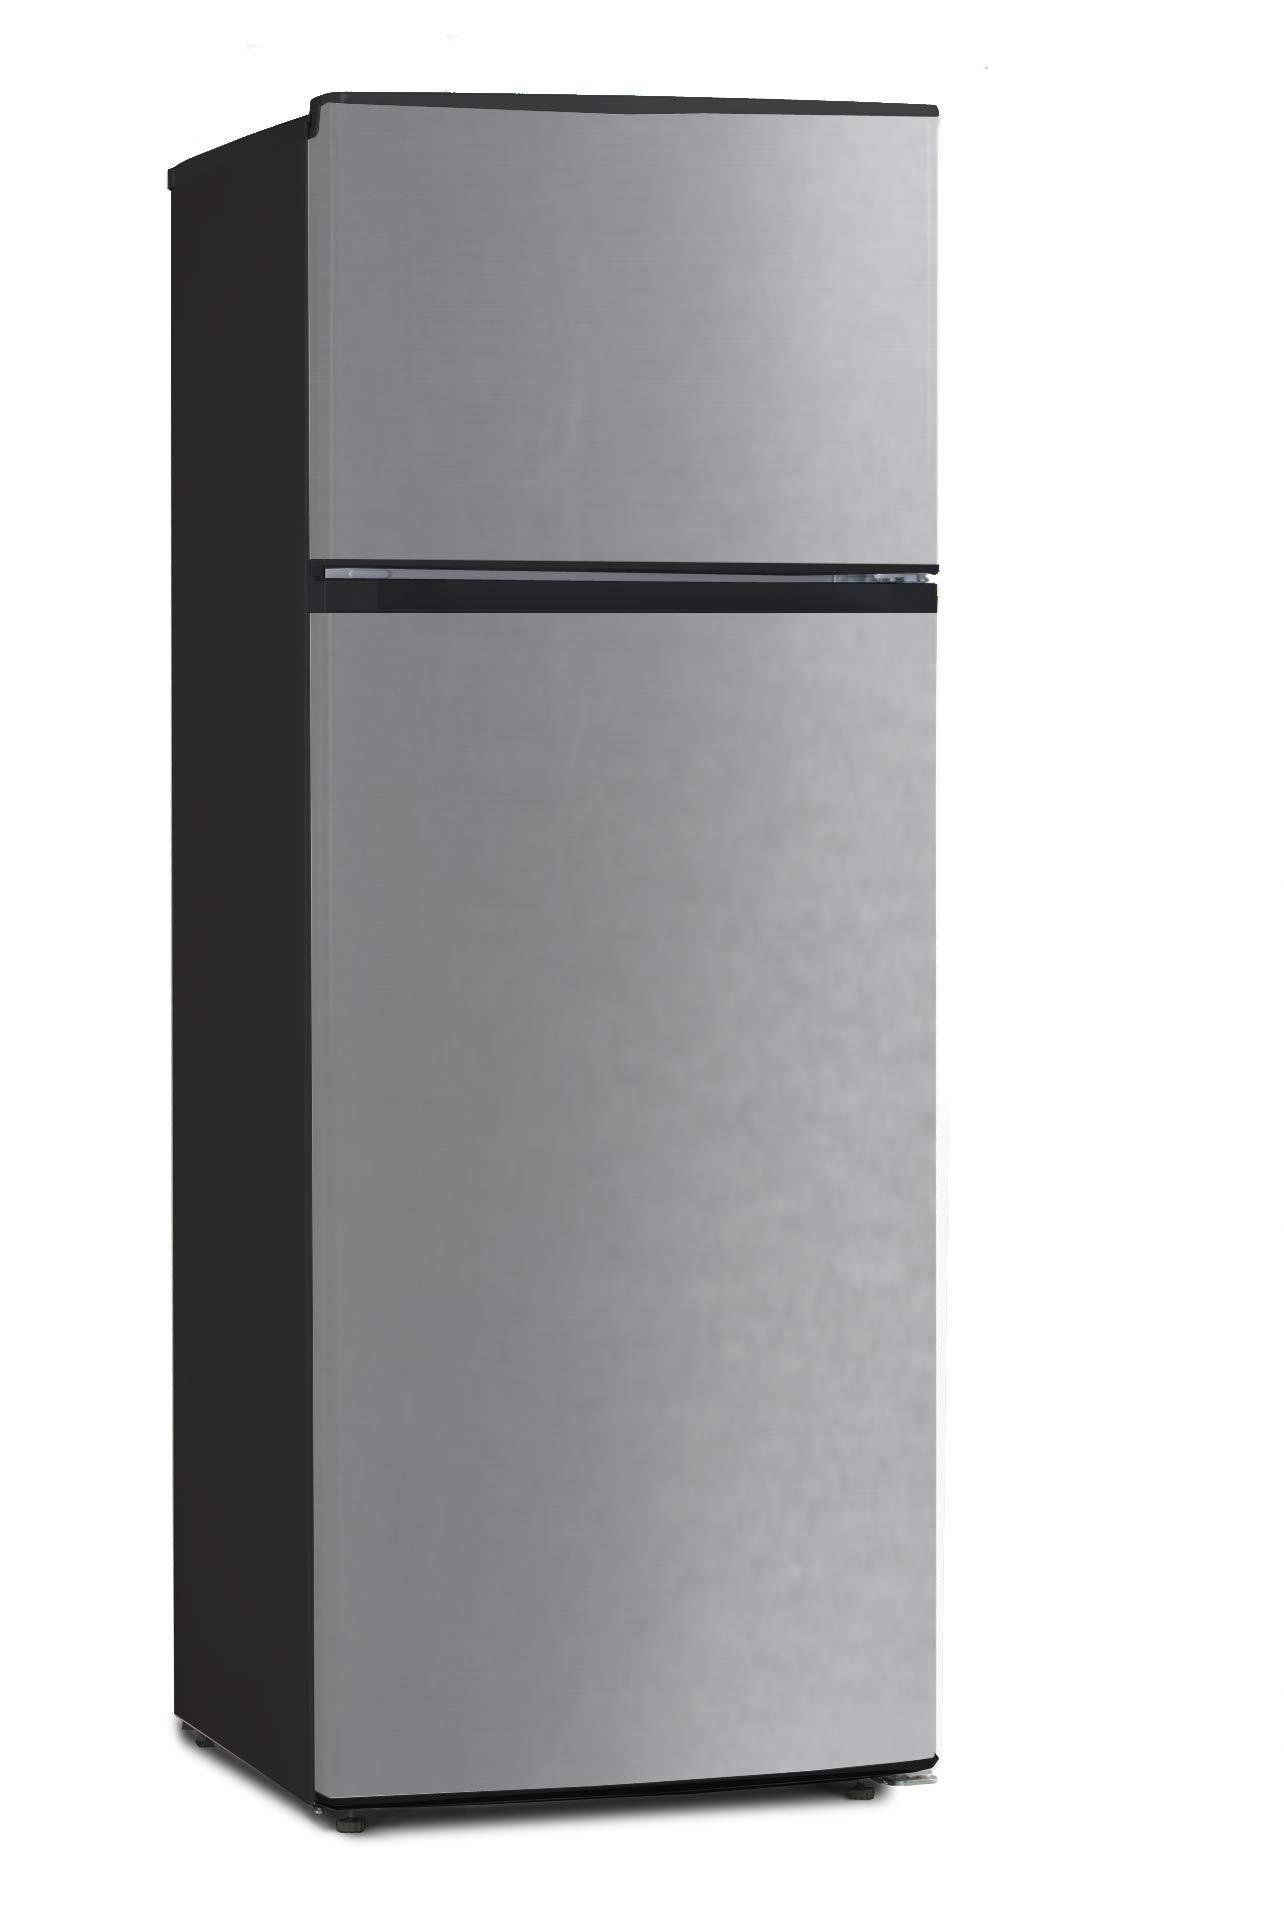 Equator-Ascoli 7.3 cu.ft. Refrigerator-Top Freezer Stainless by Equator-Ascoli